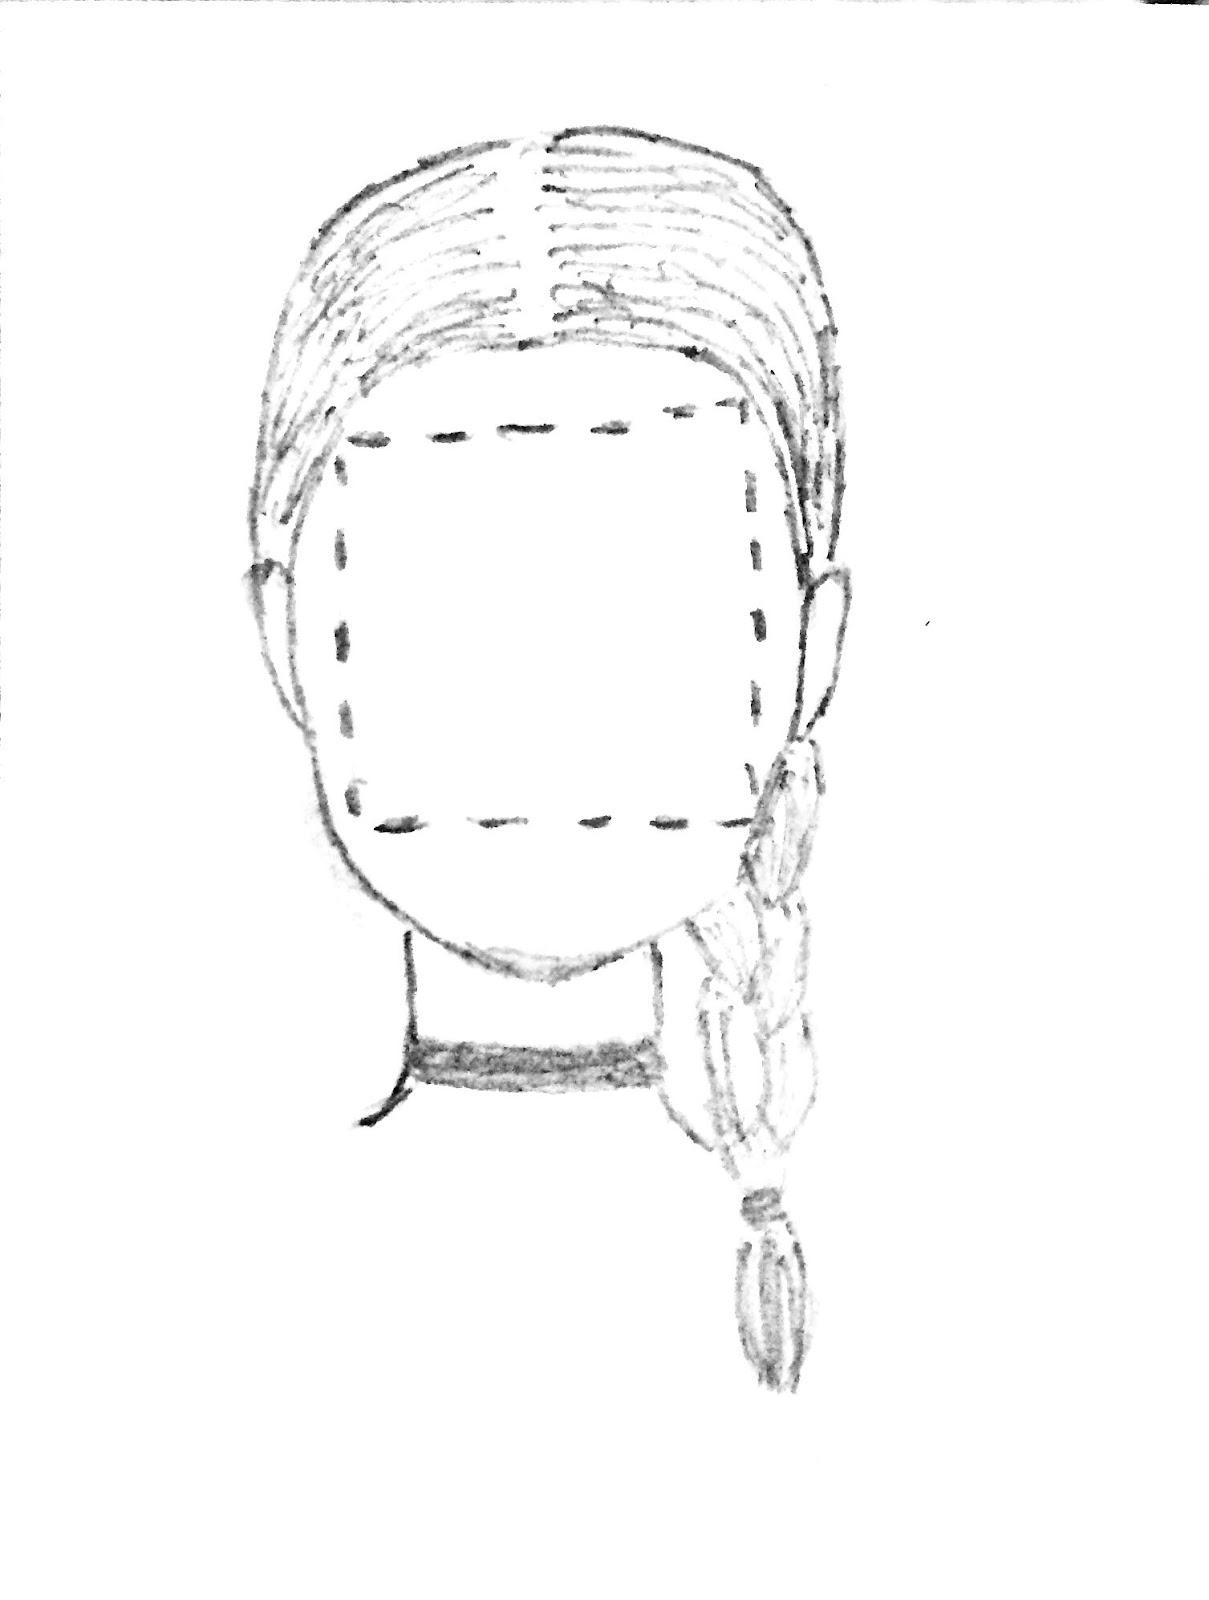 vsco-photo-2 (4).jpg